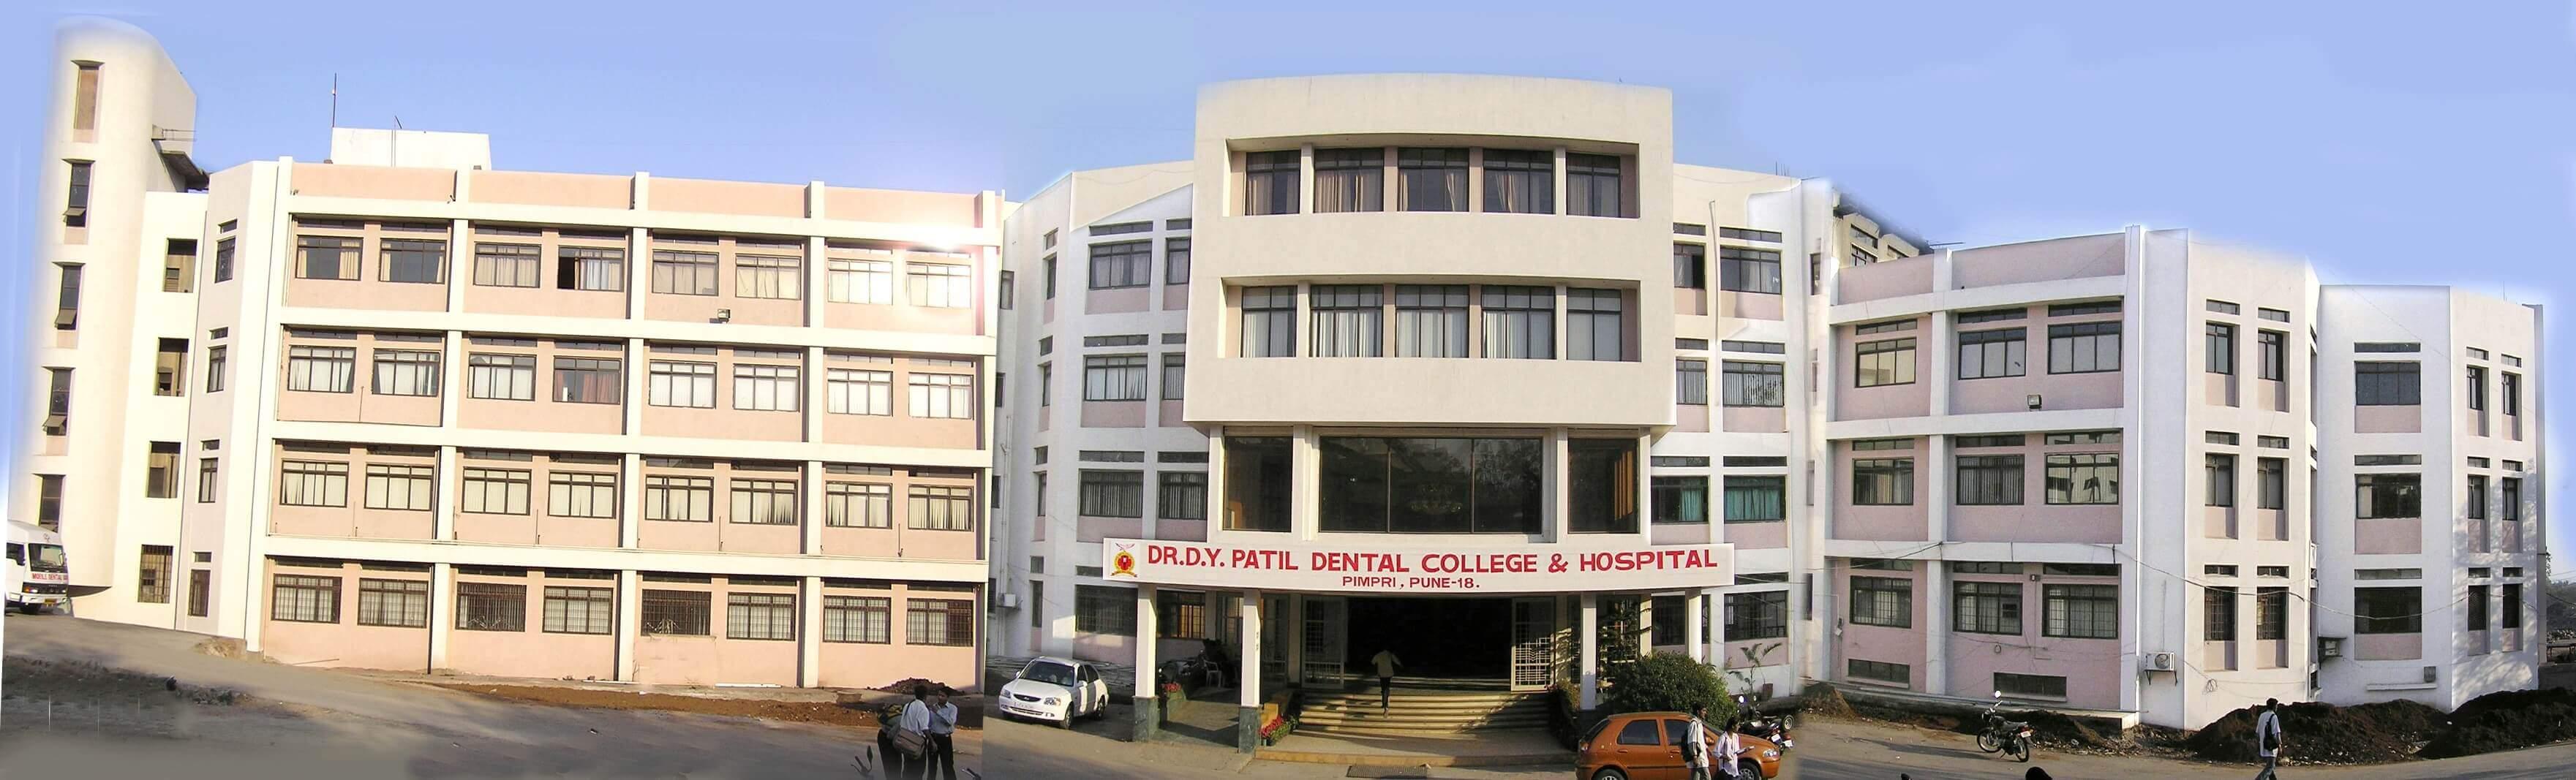 Dr. D.Y. Patil Dental College and Hospital, Pune Image